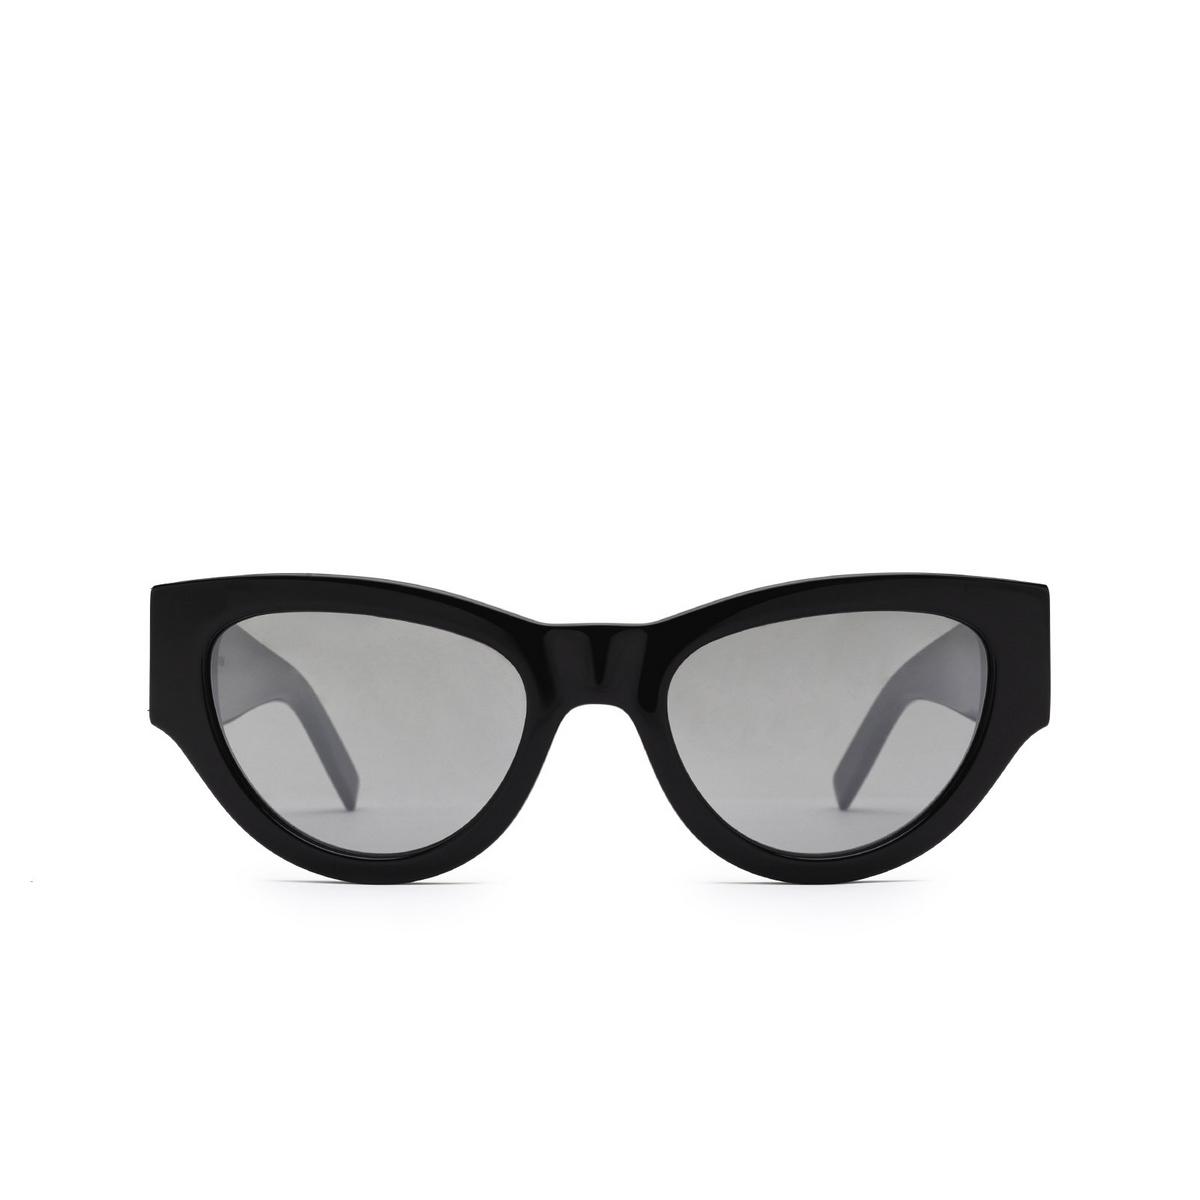 Saint Laurent® Cat-eye Sunglasses: SL M94 color Black 002 - front view.